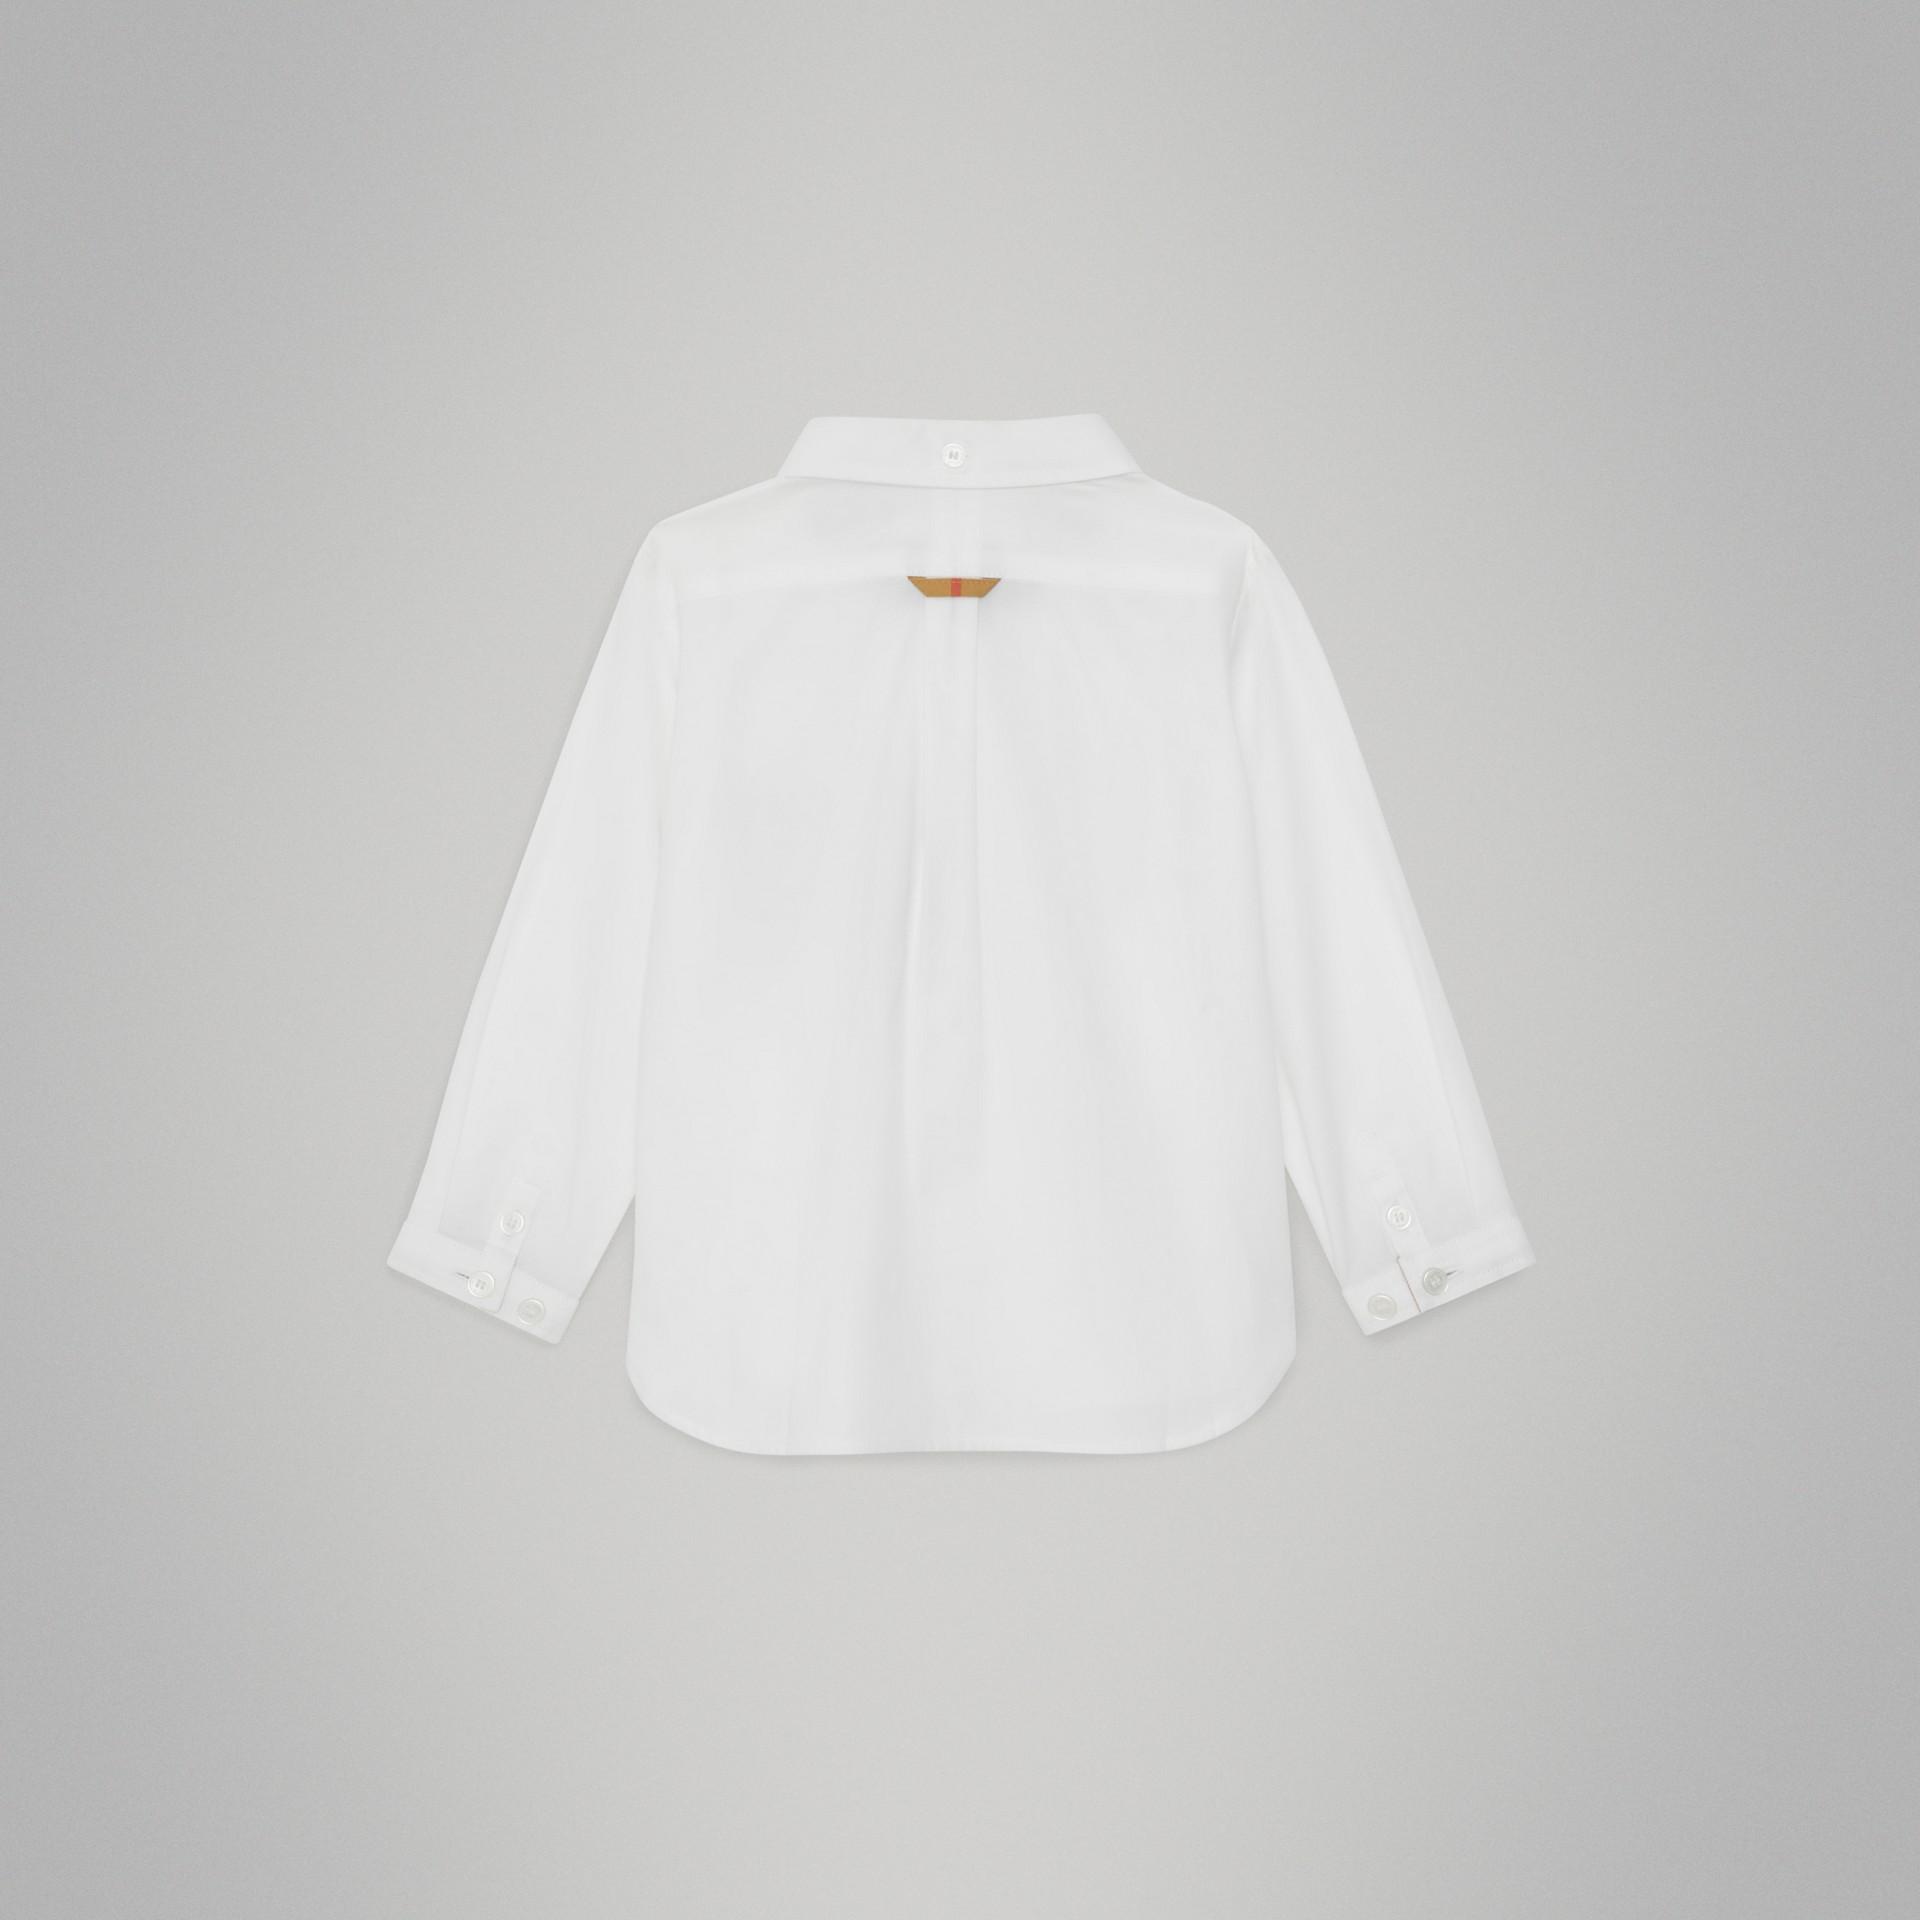 Camisa Oxford de algodão com detalhe xadrez (Branco) - Crianças | Burberry - galeria de imagens 3